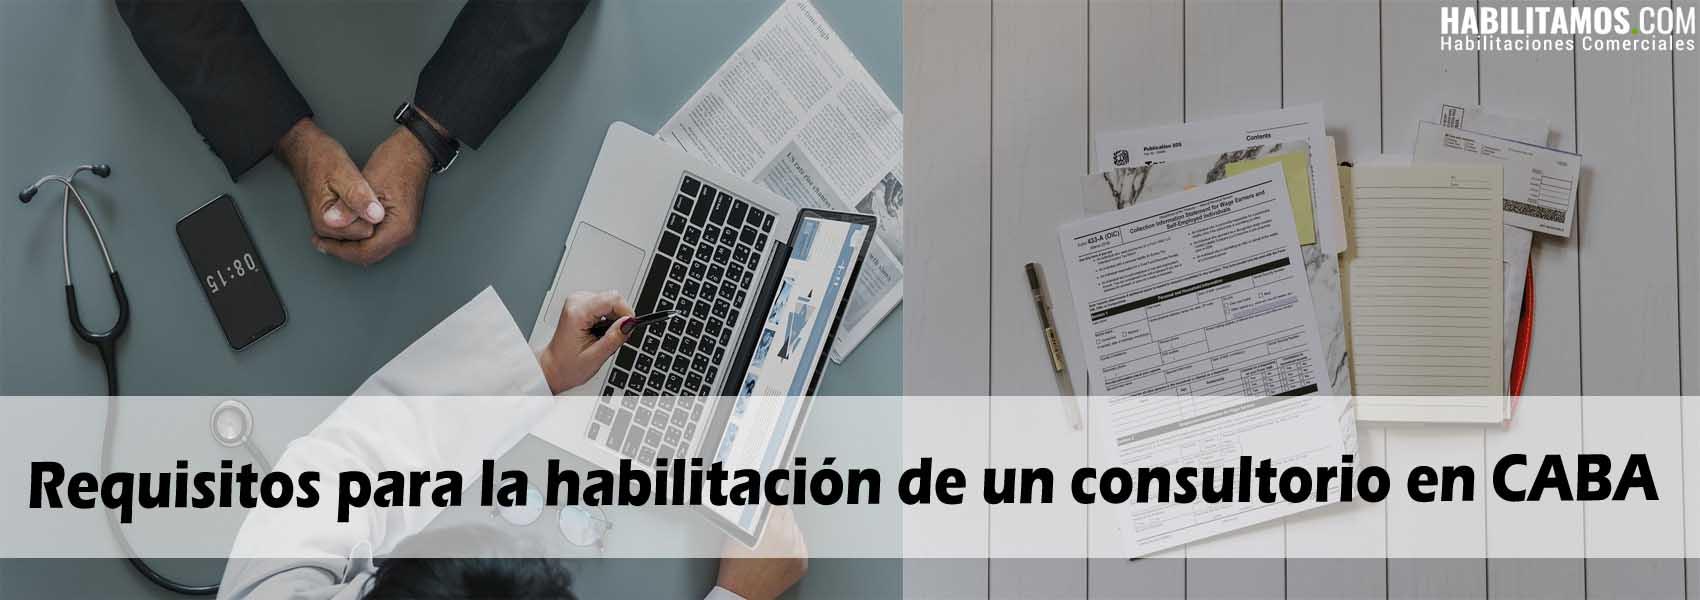 Requisitos para la habilitación de un consultorio en CABA